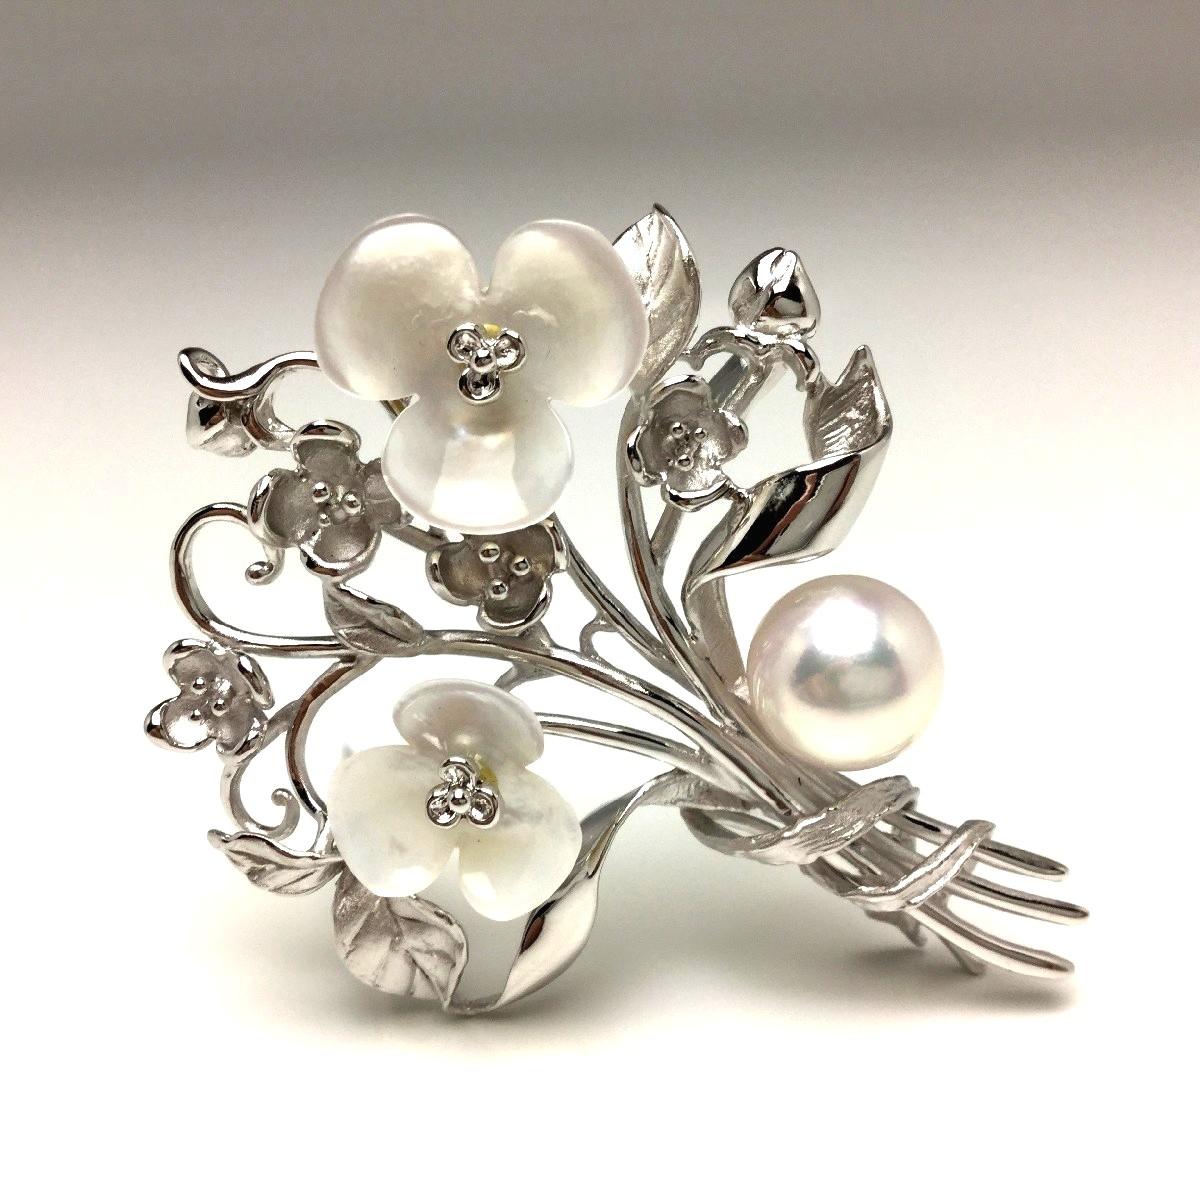 【10%OFF】真珠 ブローチ パール アコヤ真珠 9.5mm ホワイトピンク シルバー シェル フラワー 植物 65584 イソワパール